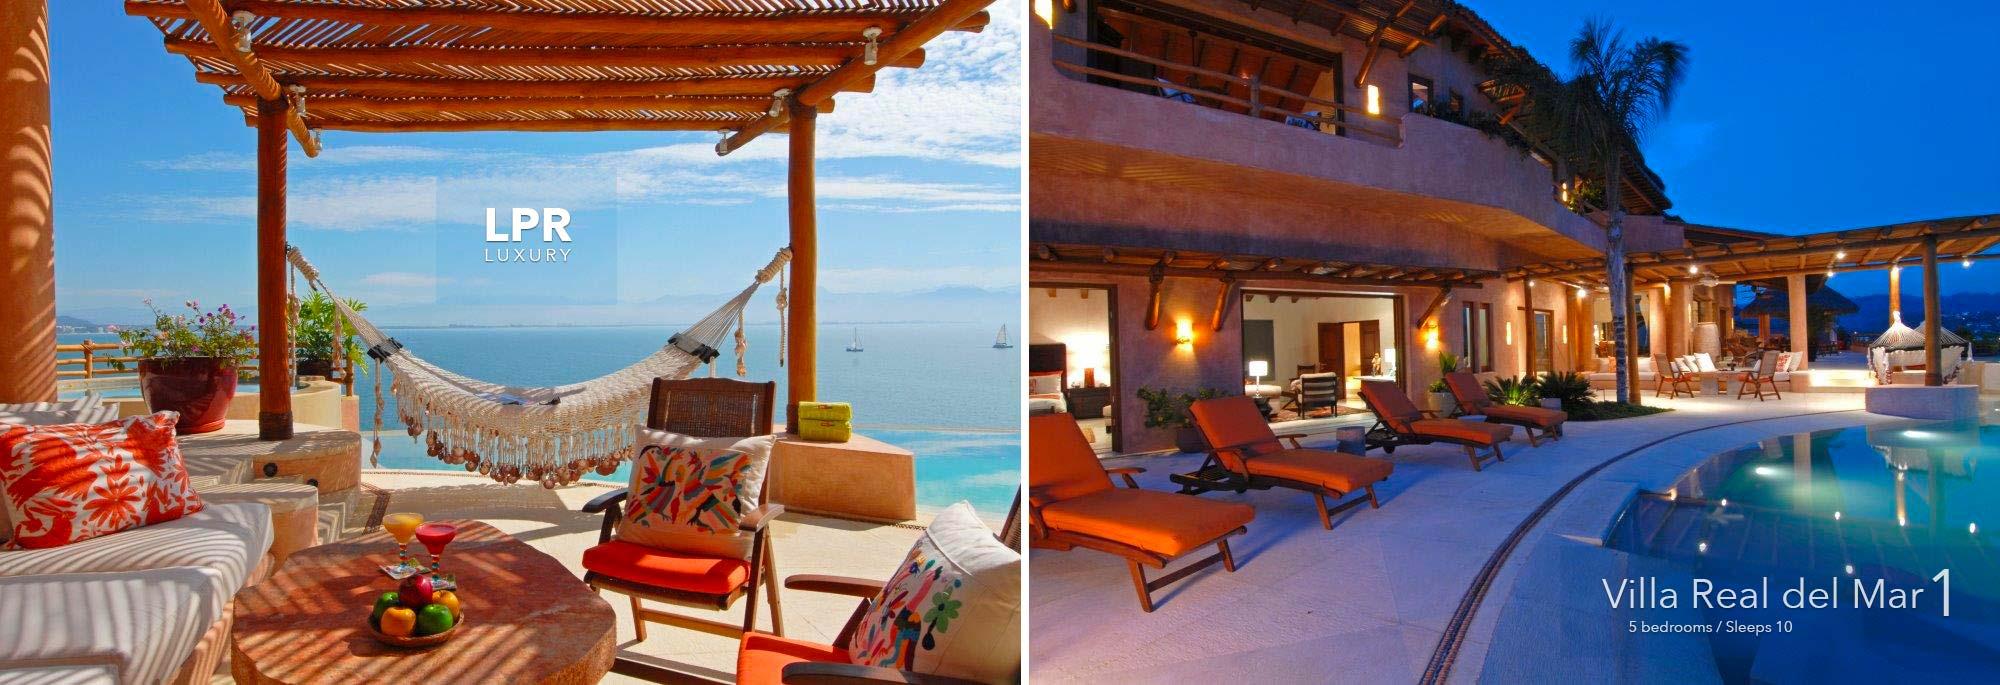 Villa Real del Mar 15 - Punta de Mita Luxury Real Estate and Vacation Rentals - Mexico